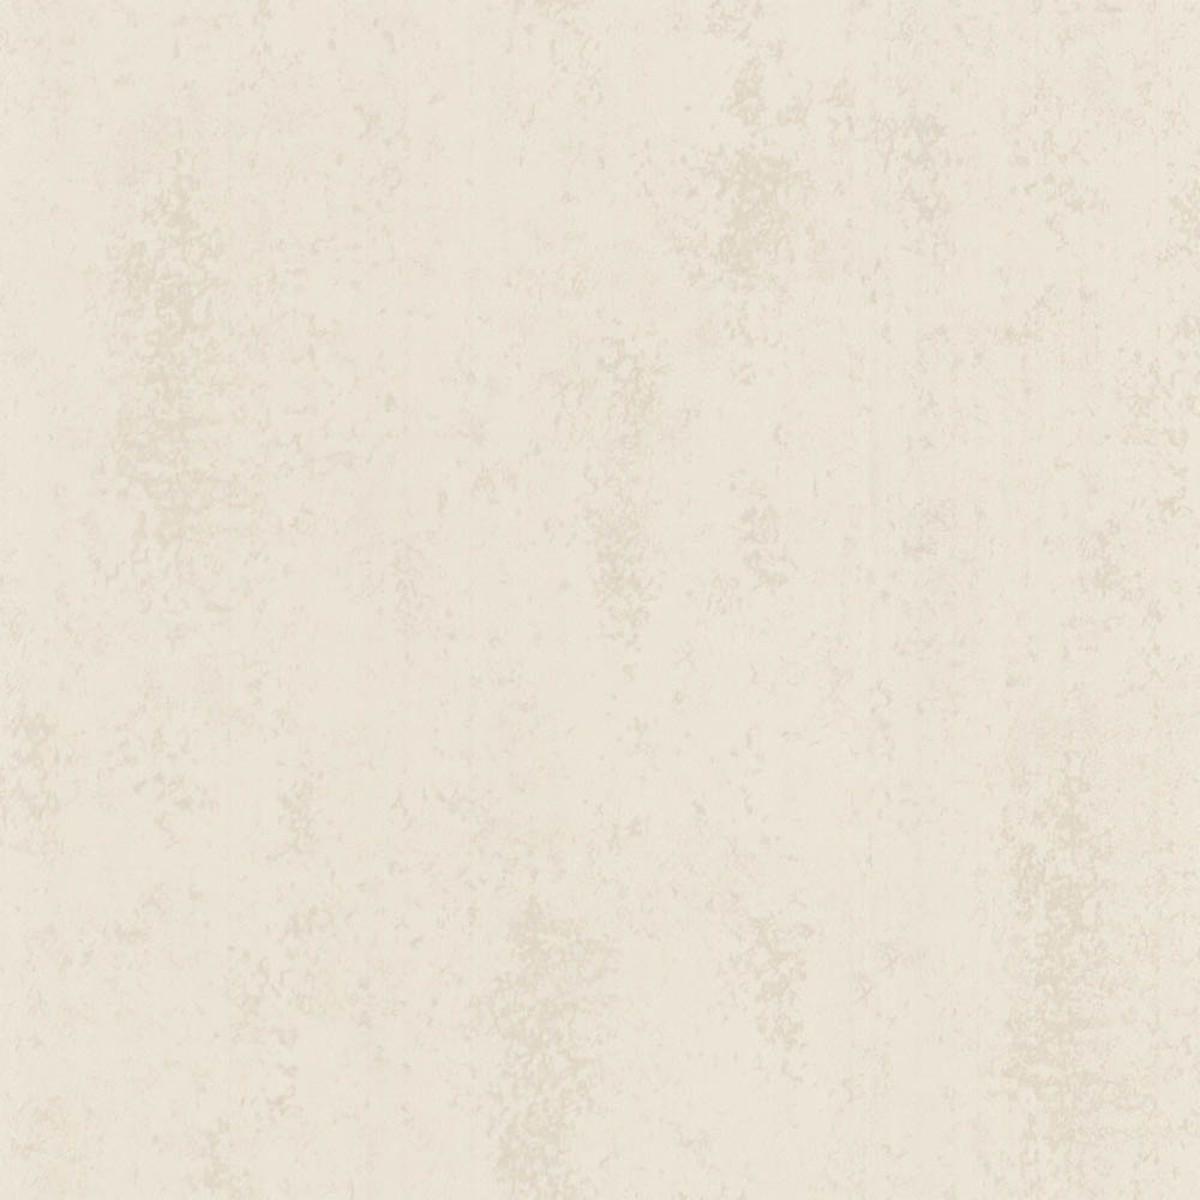 Обои флизелиновые Мир Авангард розовые 1.06 м 45-097-03